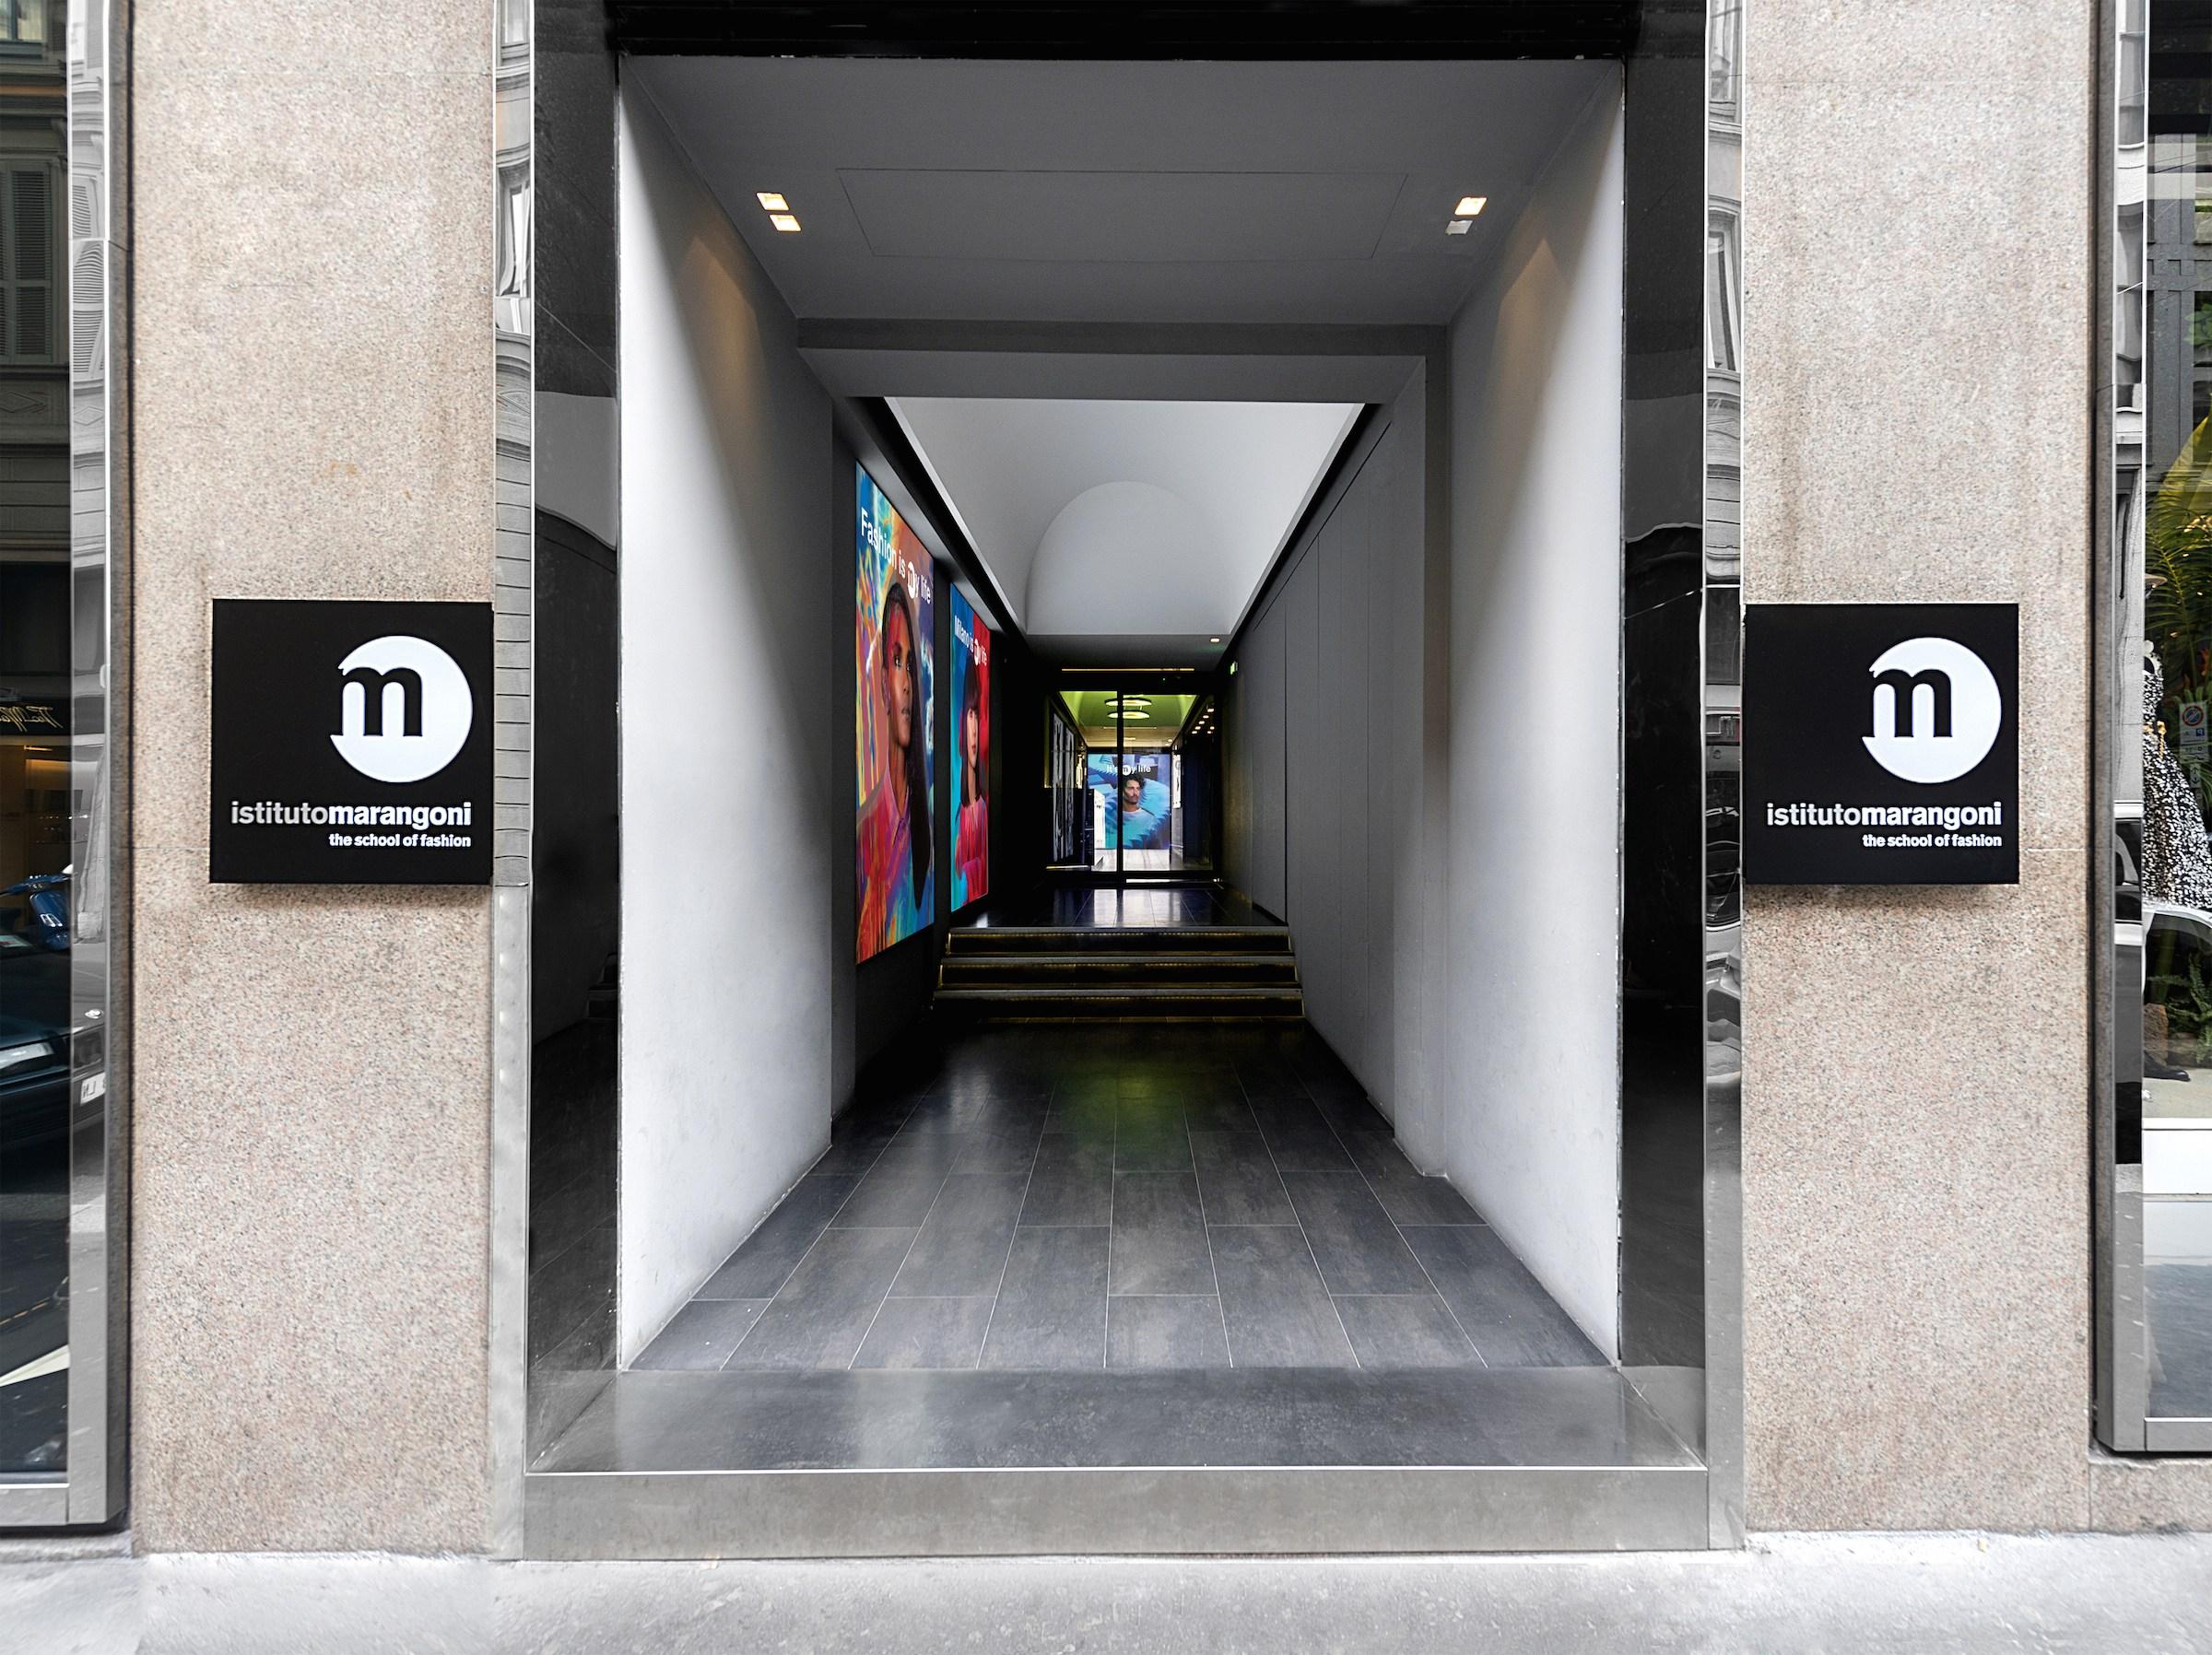 Istituto Marangoni fashion school in Milan.